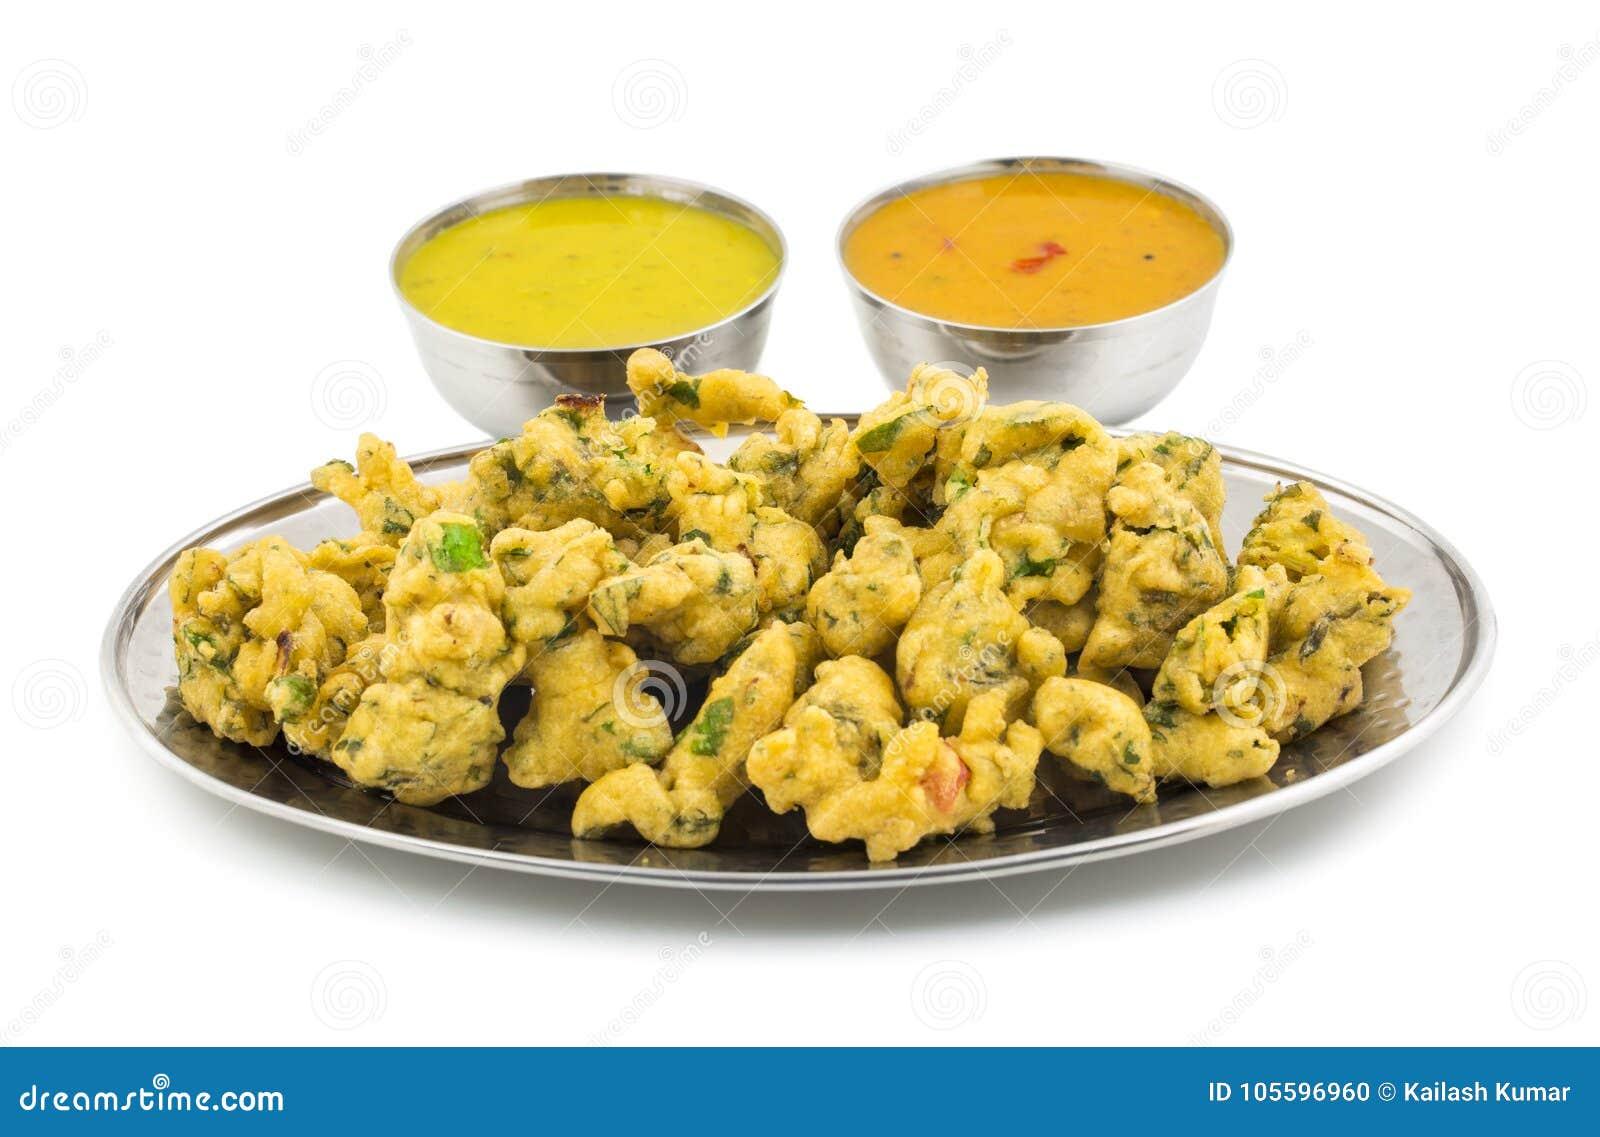 Pakora or Bhajiya